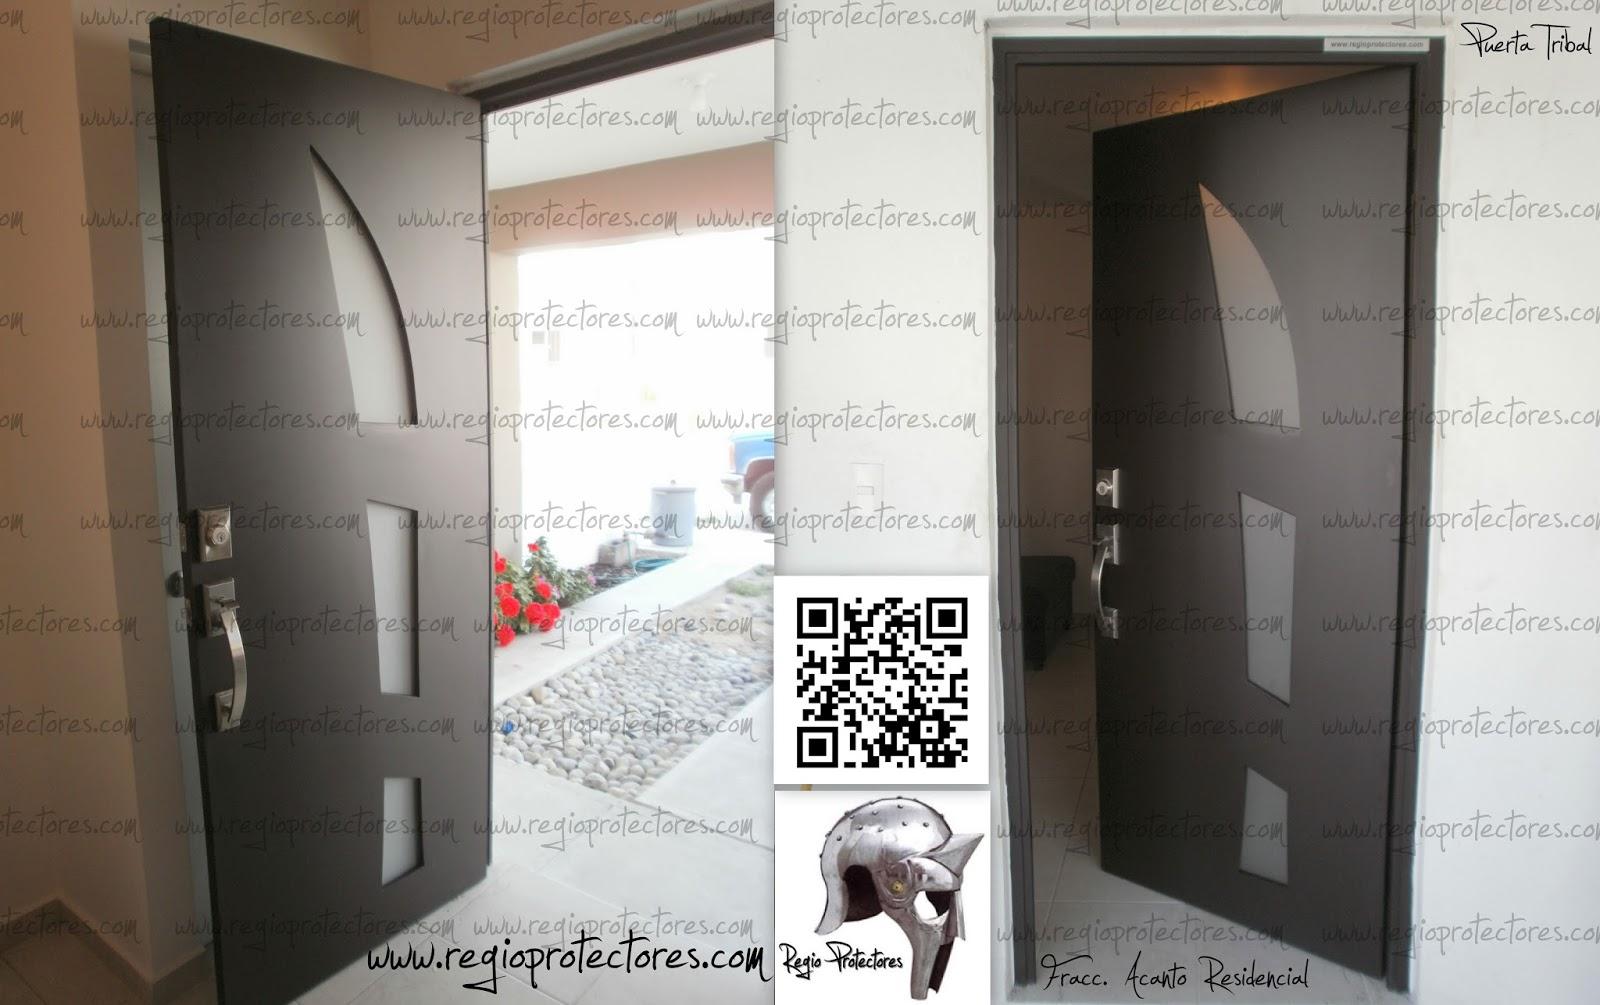 Regio protectores regio protectores puerta principal de for Modelos de puertas principales